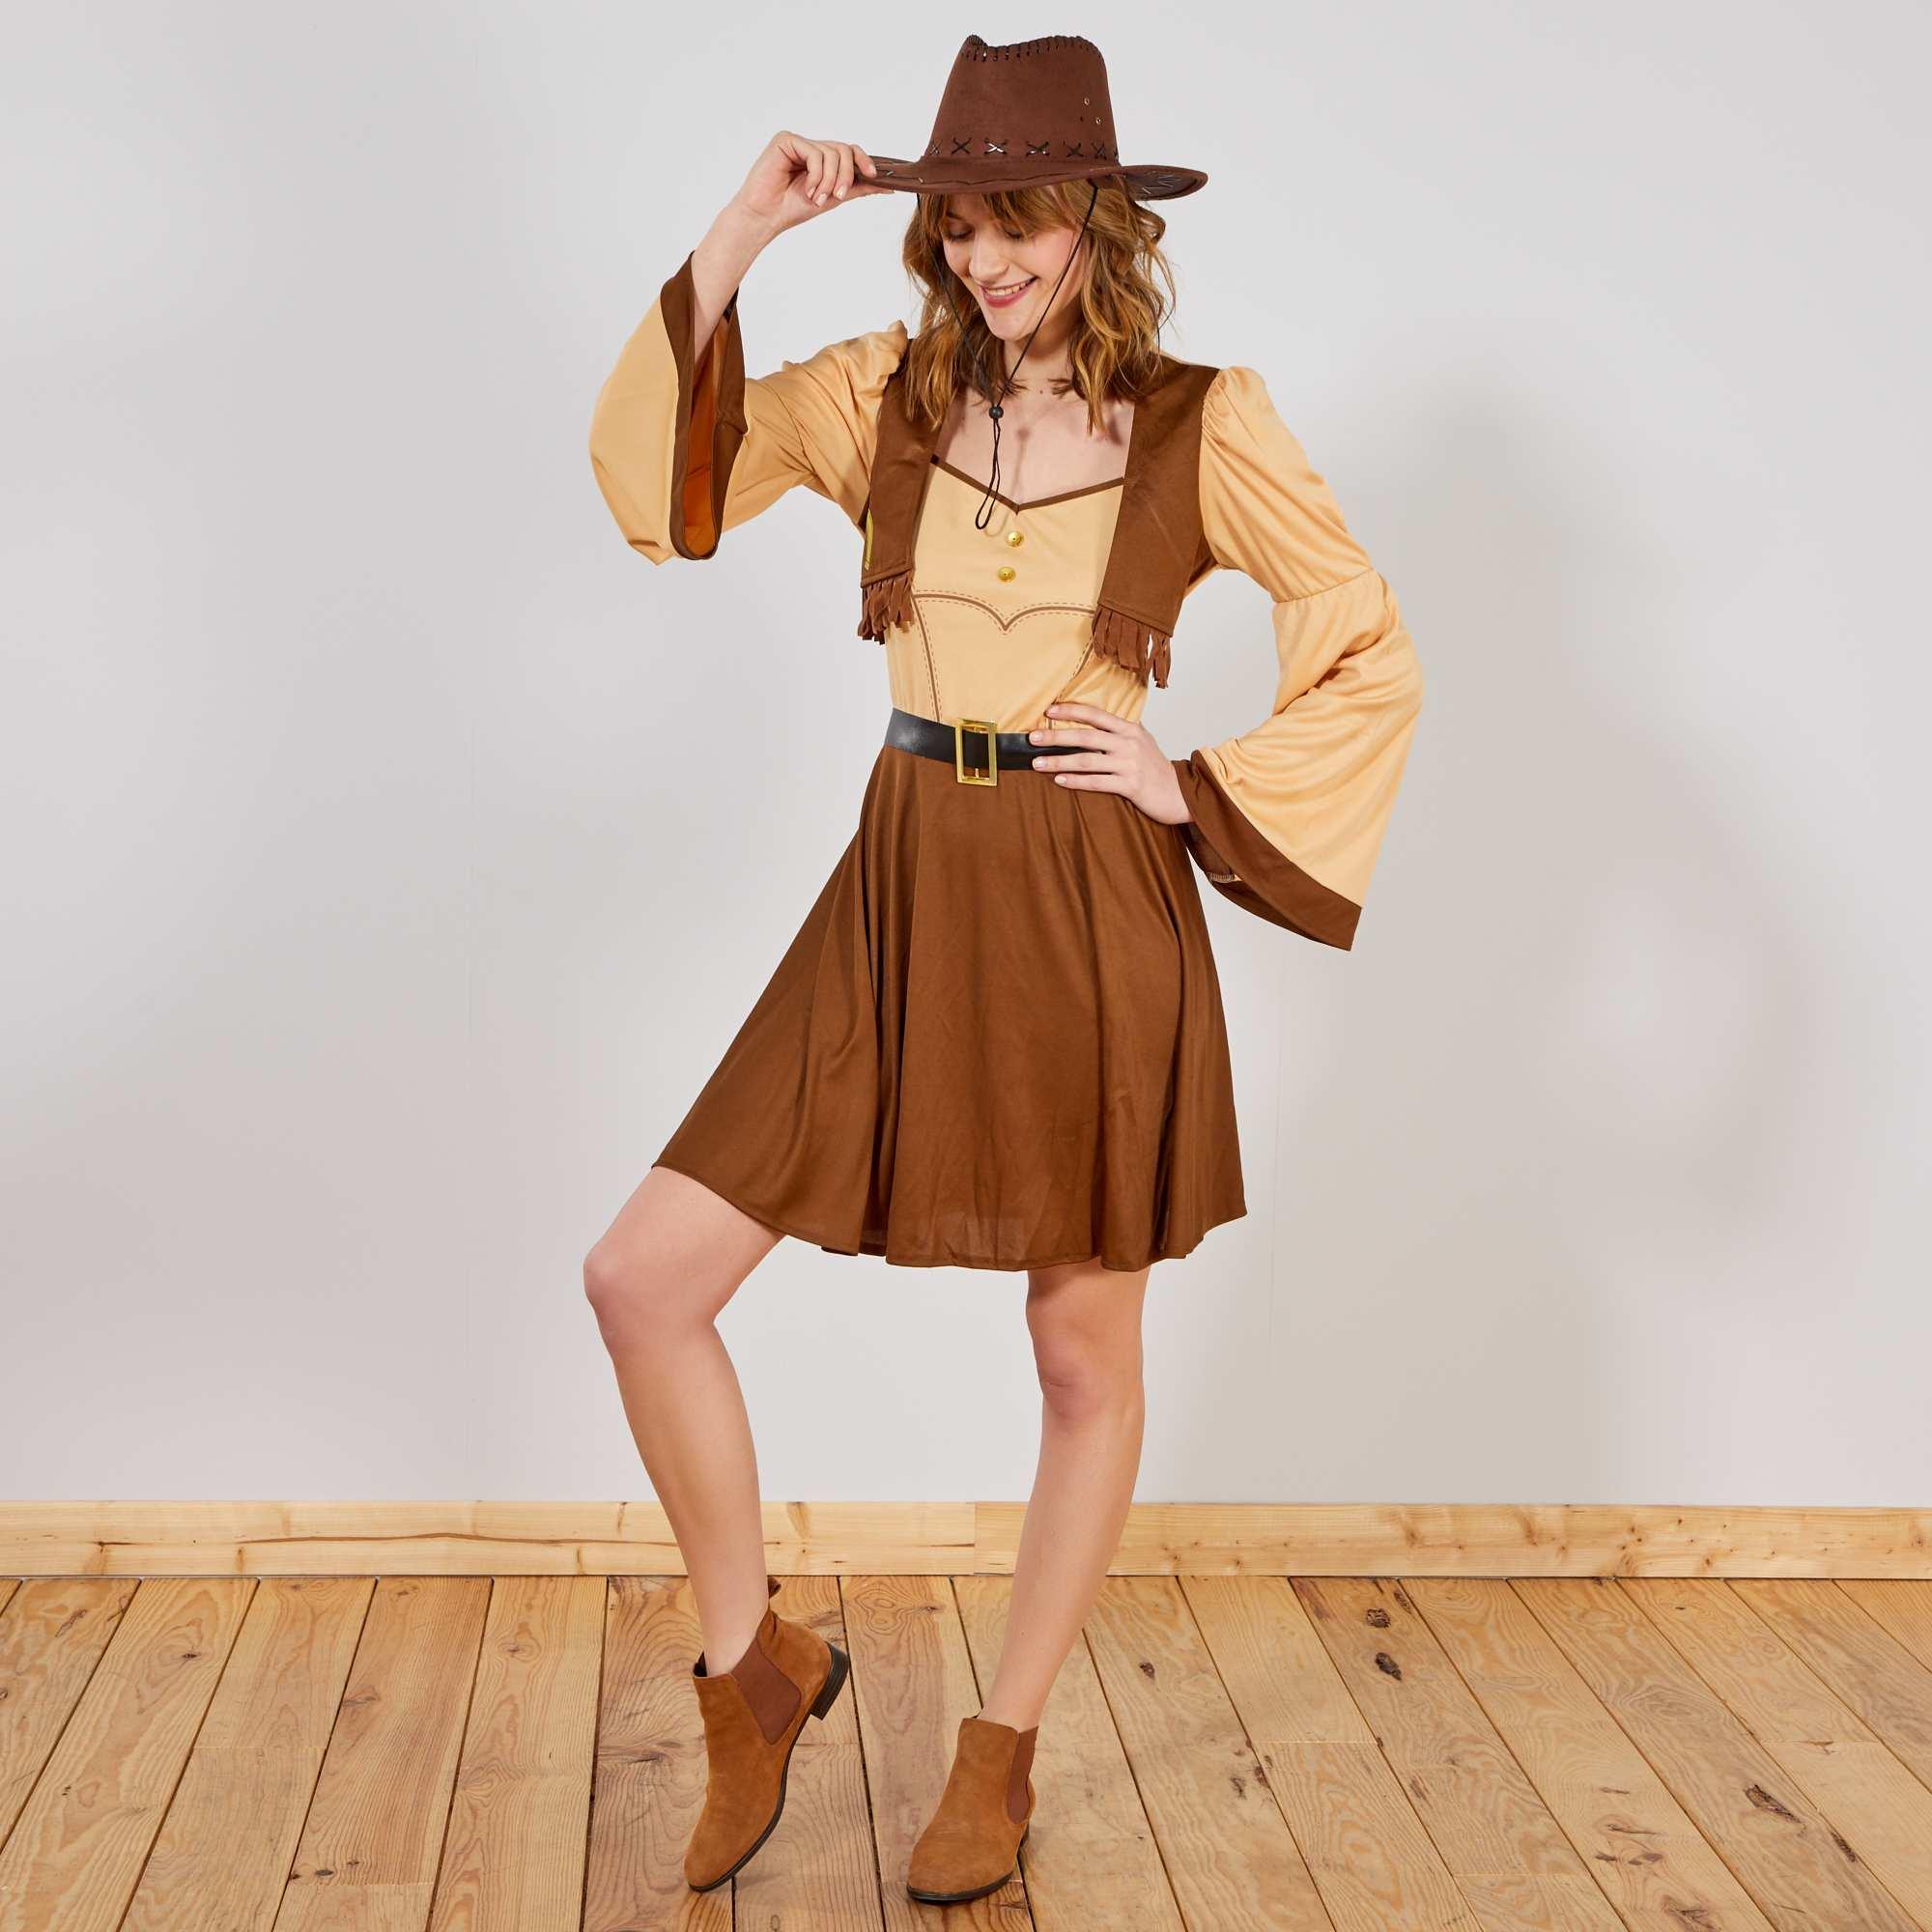 Almacenes Marias vende: traje vaquero, botas vaqueras, ropa vaquera, botas de avestruz y mas. Visitenos en Chicago hoy!